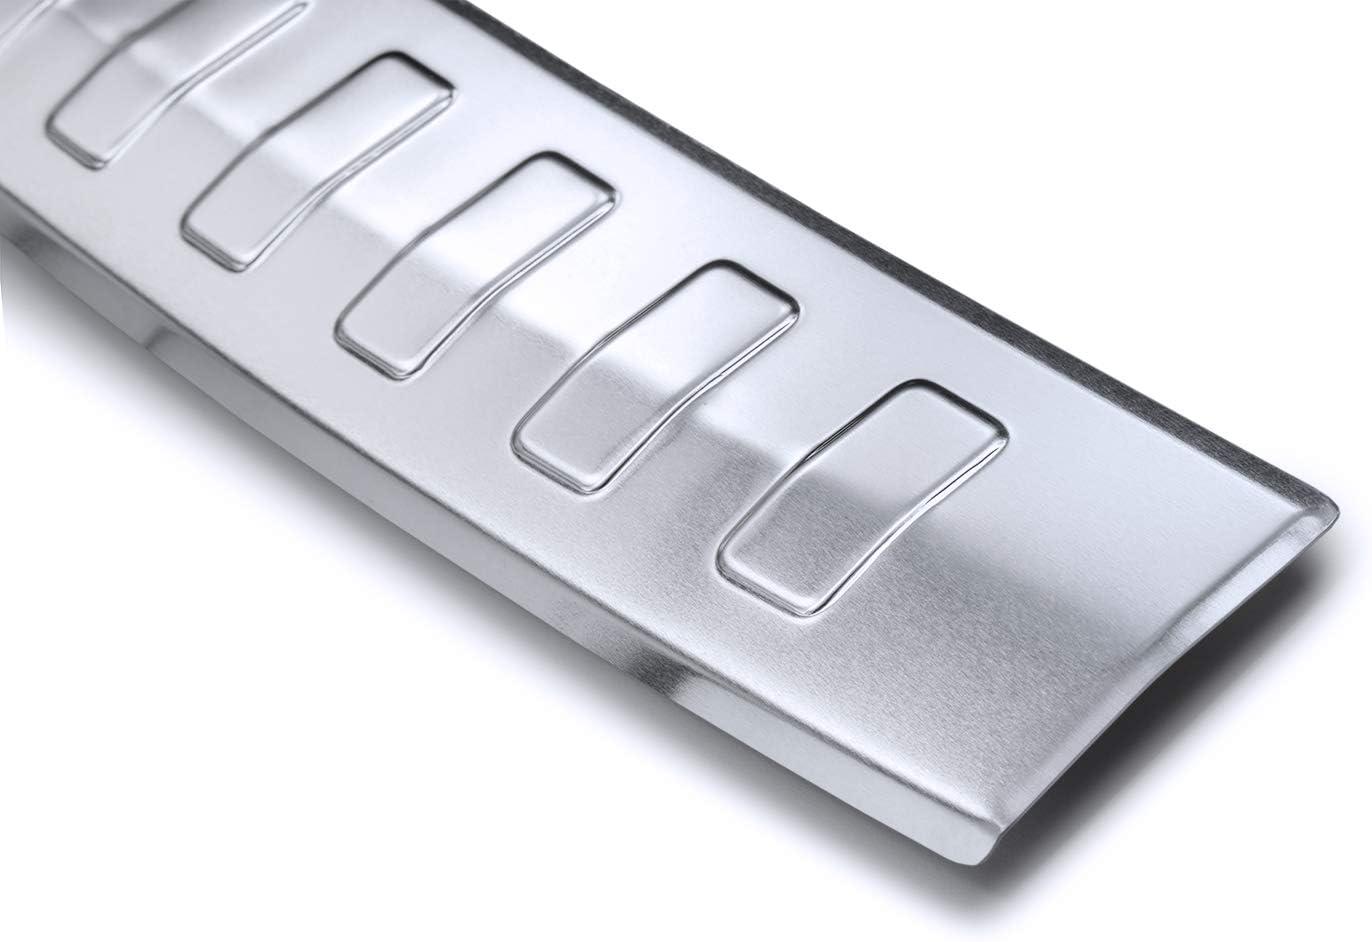 teileplus24 AL112 Ladekantenschutz aus technischem Vollaluminium mit 3D Pr/ägungen und Abkantung einfache Montage fahrzeugspezifische Passform Farbe:Silber